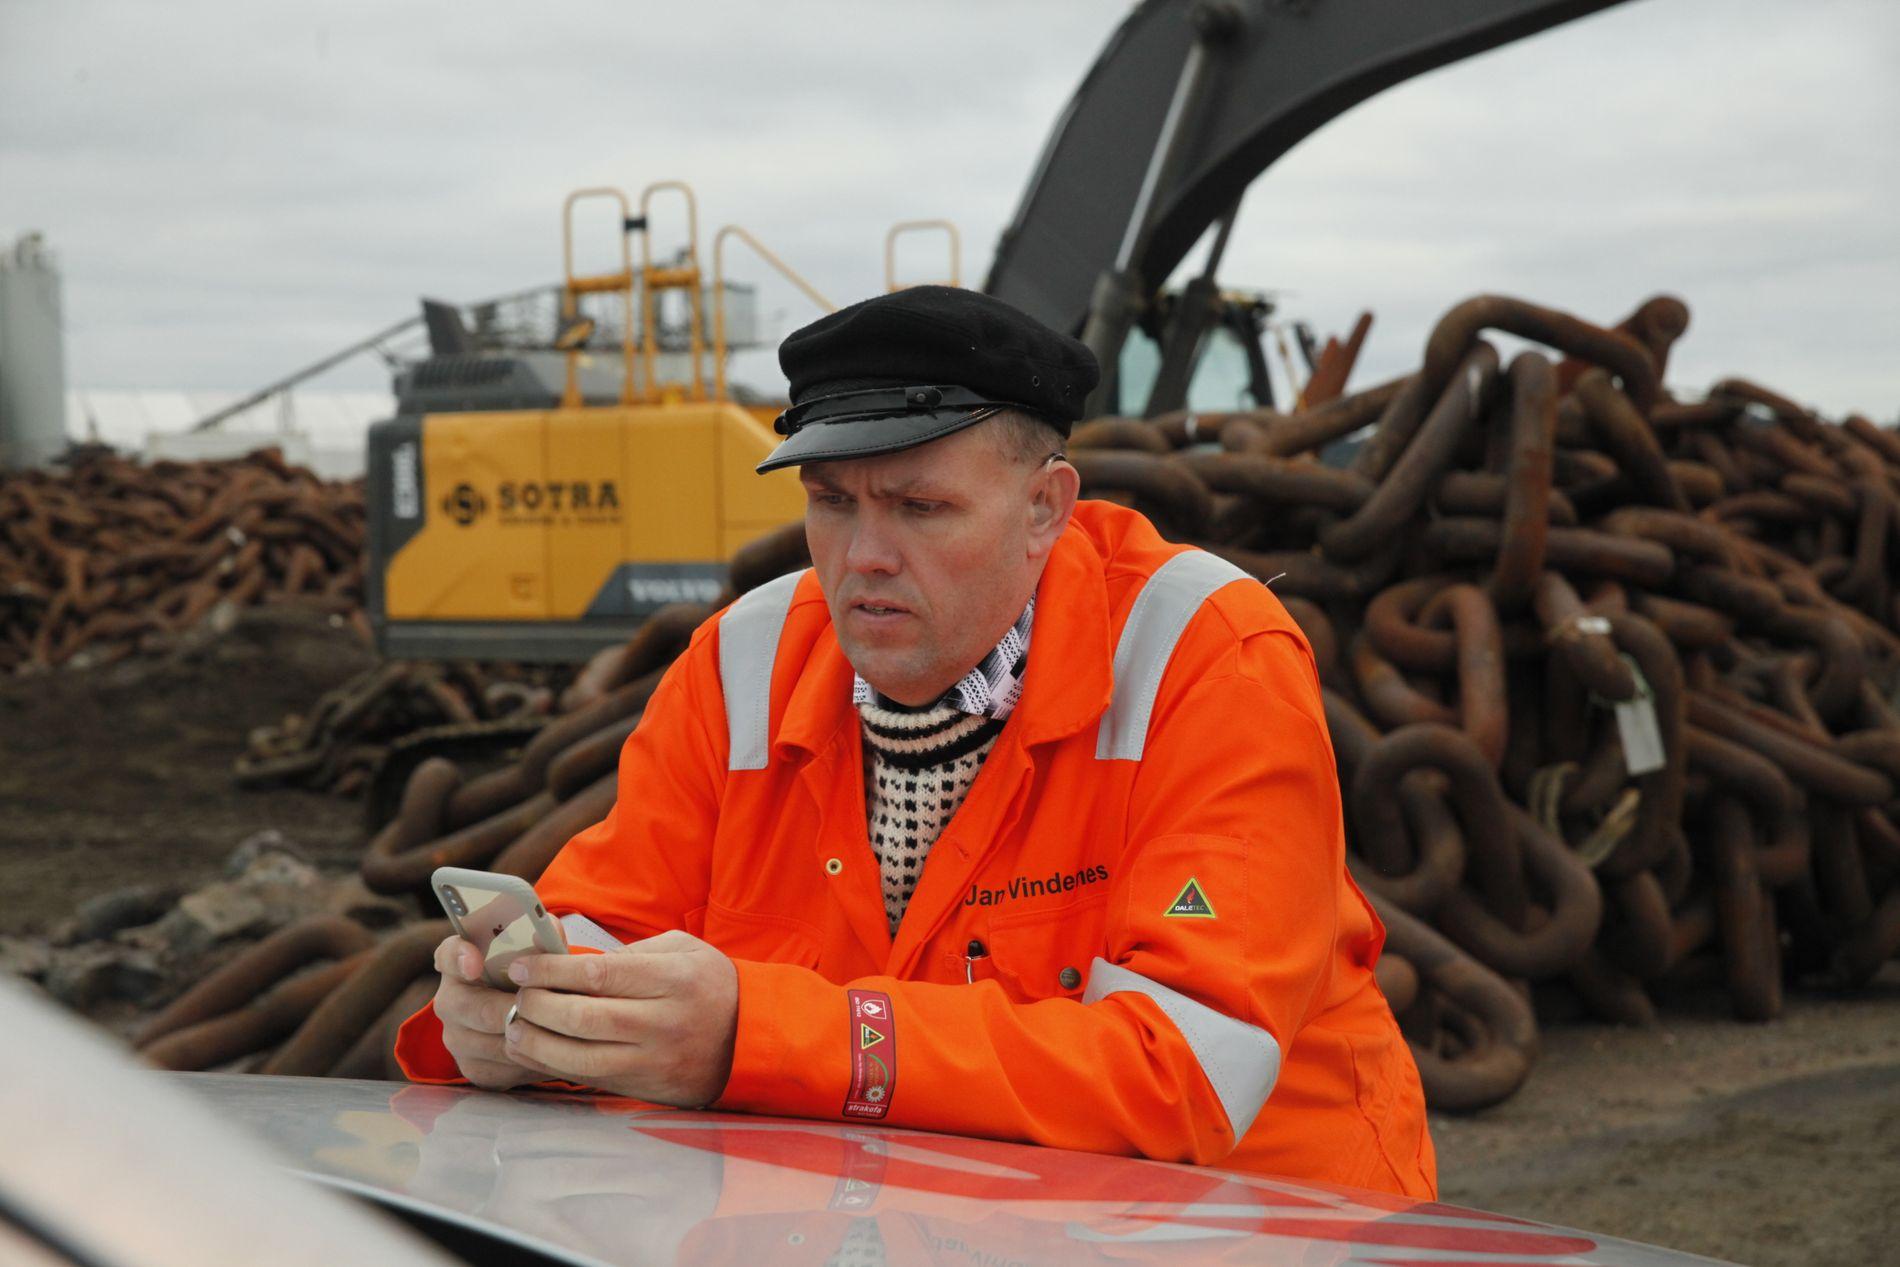 LEVERER INGSTAD-KJETTING: Jan Vindenes og hans selskap Sotra Anchor & Chain leverer 800 meter grovdimensjonert kjetting som skal brukes under hevingen av KNM «Helge Ingstad».